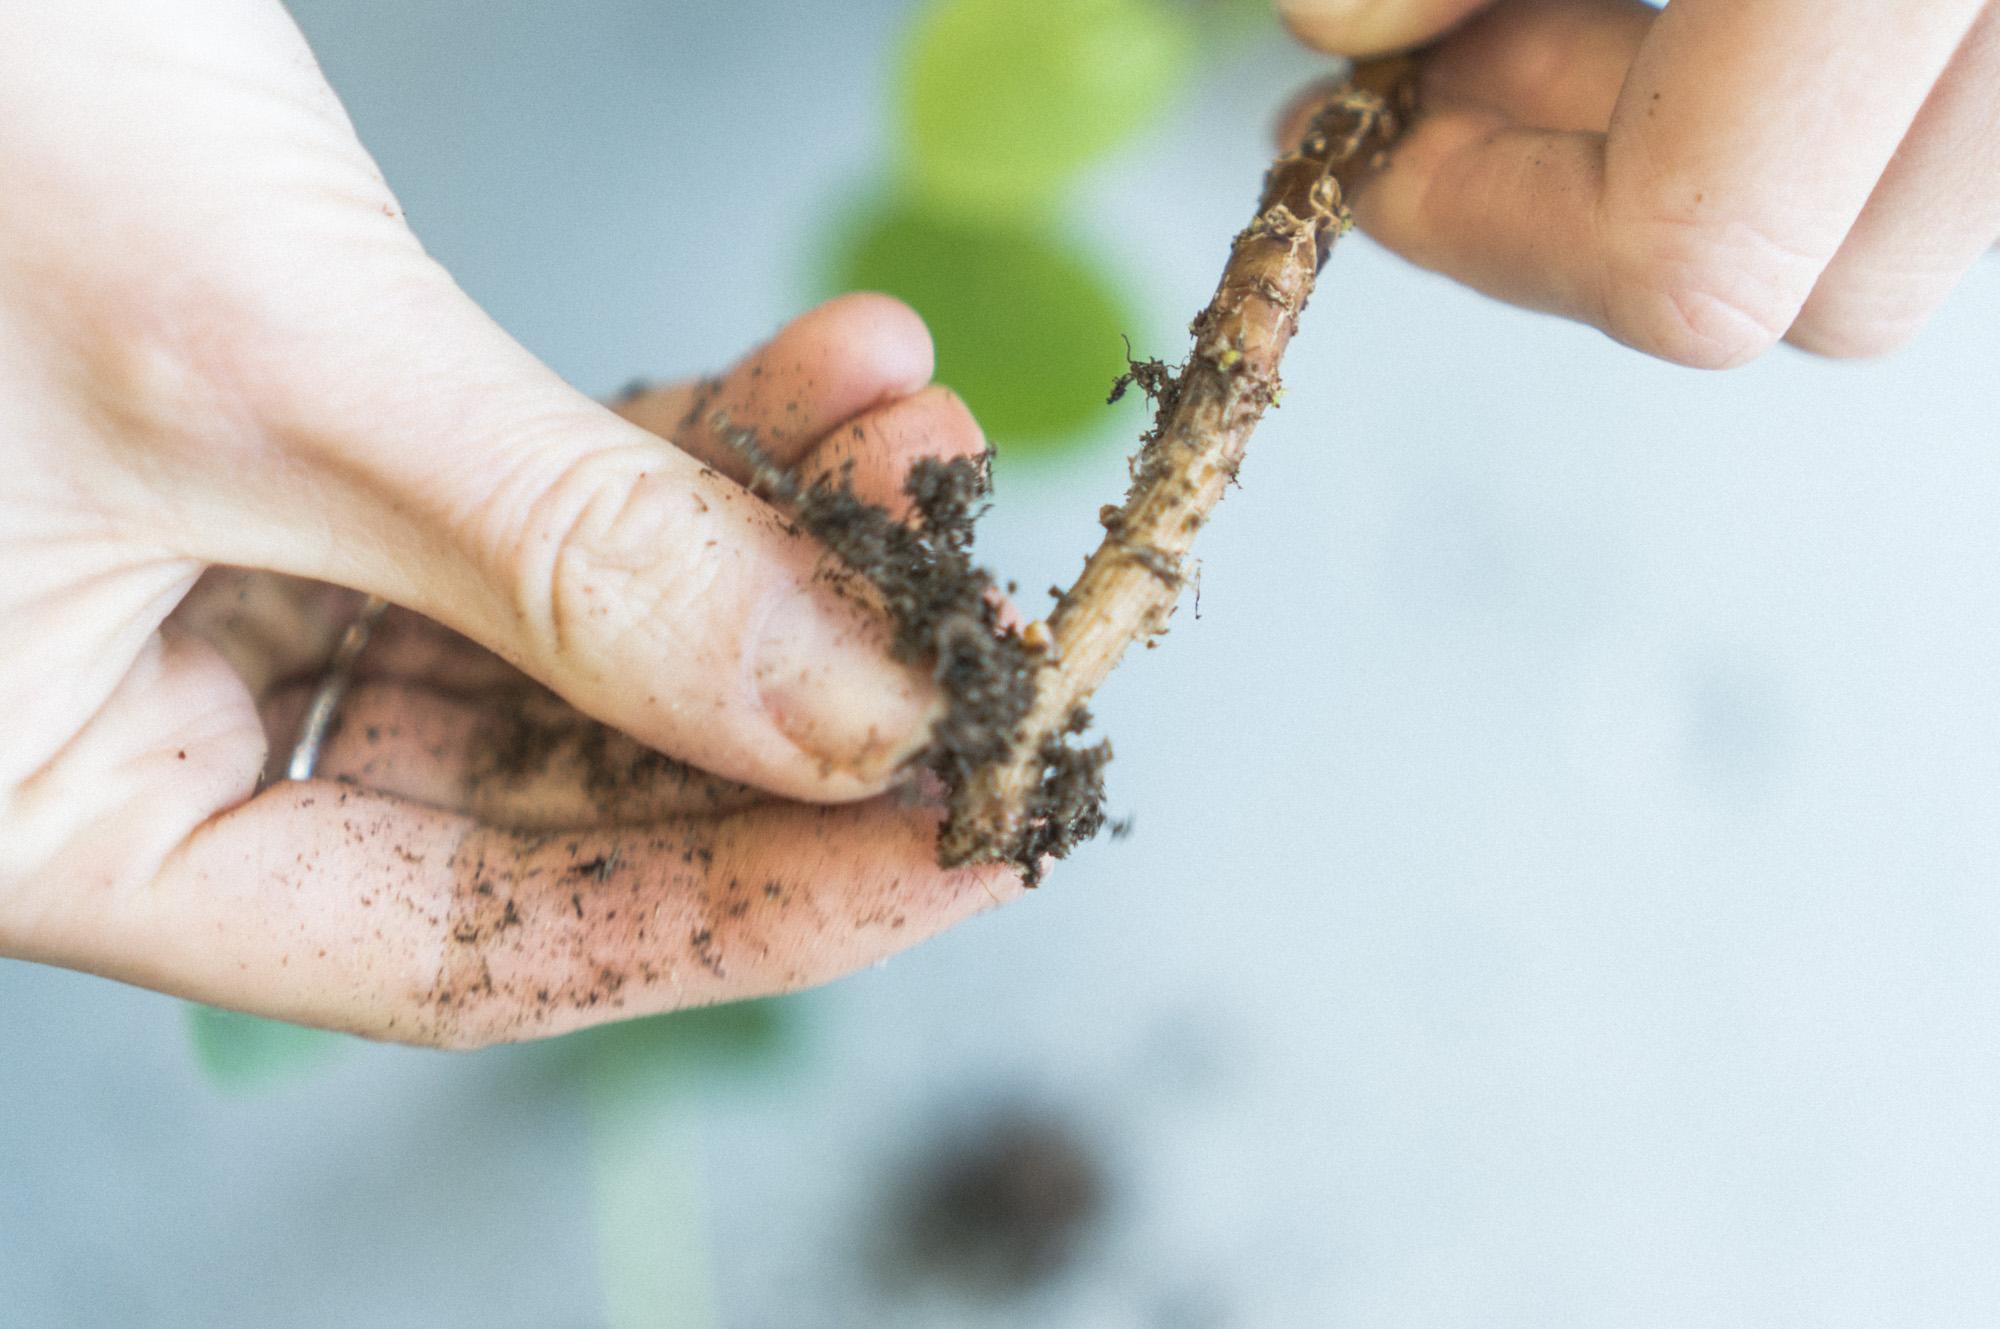 2) Fjern jord fra røttene, og sett den i vann. Pass på at ingen blader er dekket av vann.